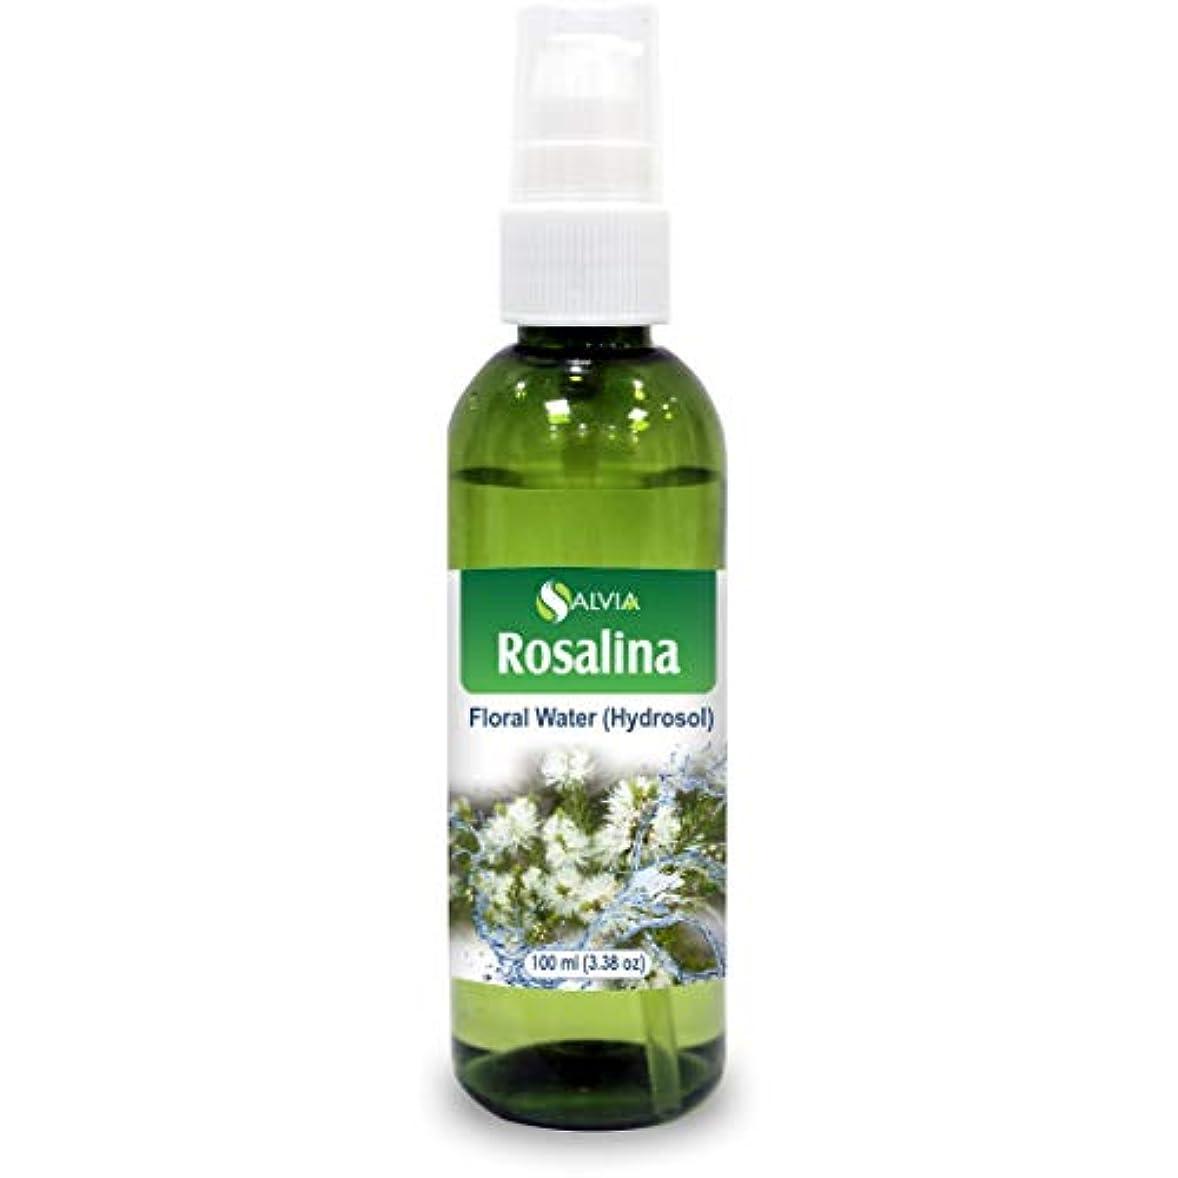 溝代表団カフェテリアRosalina Oil Floral Water 100ml (Hydrosol) 100% Pure And Natural